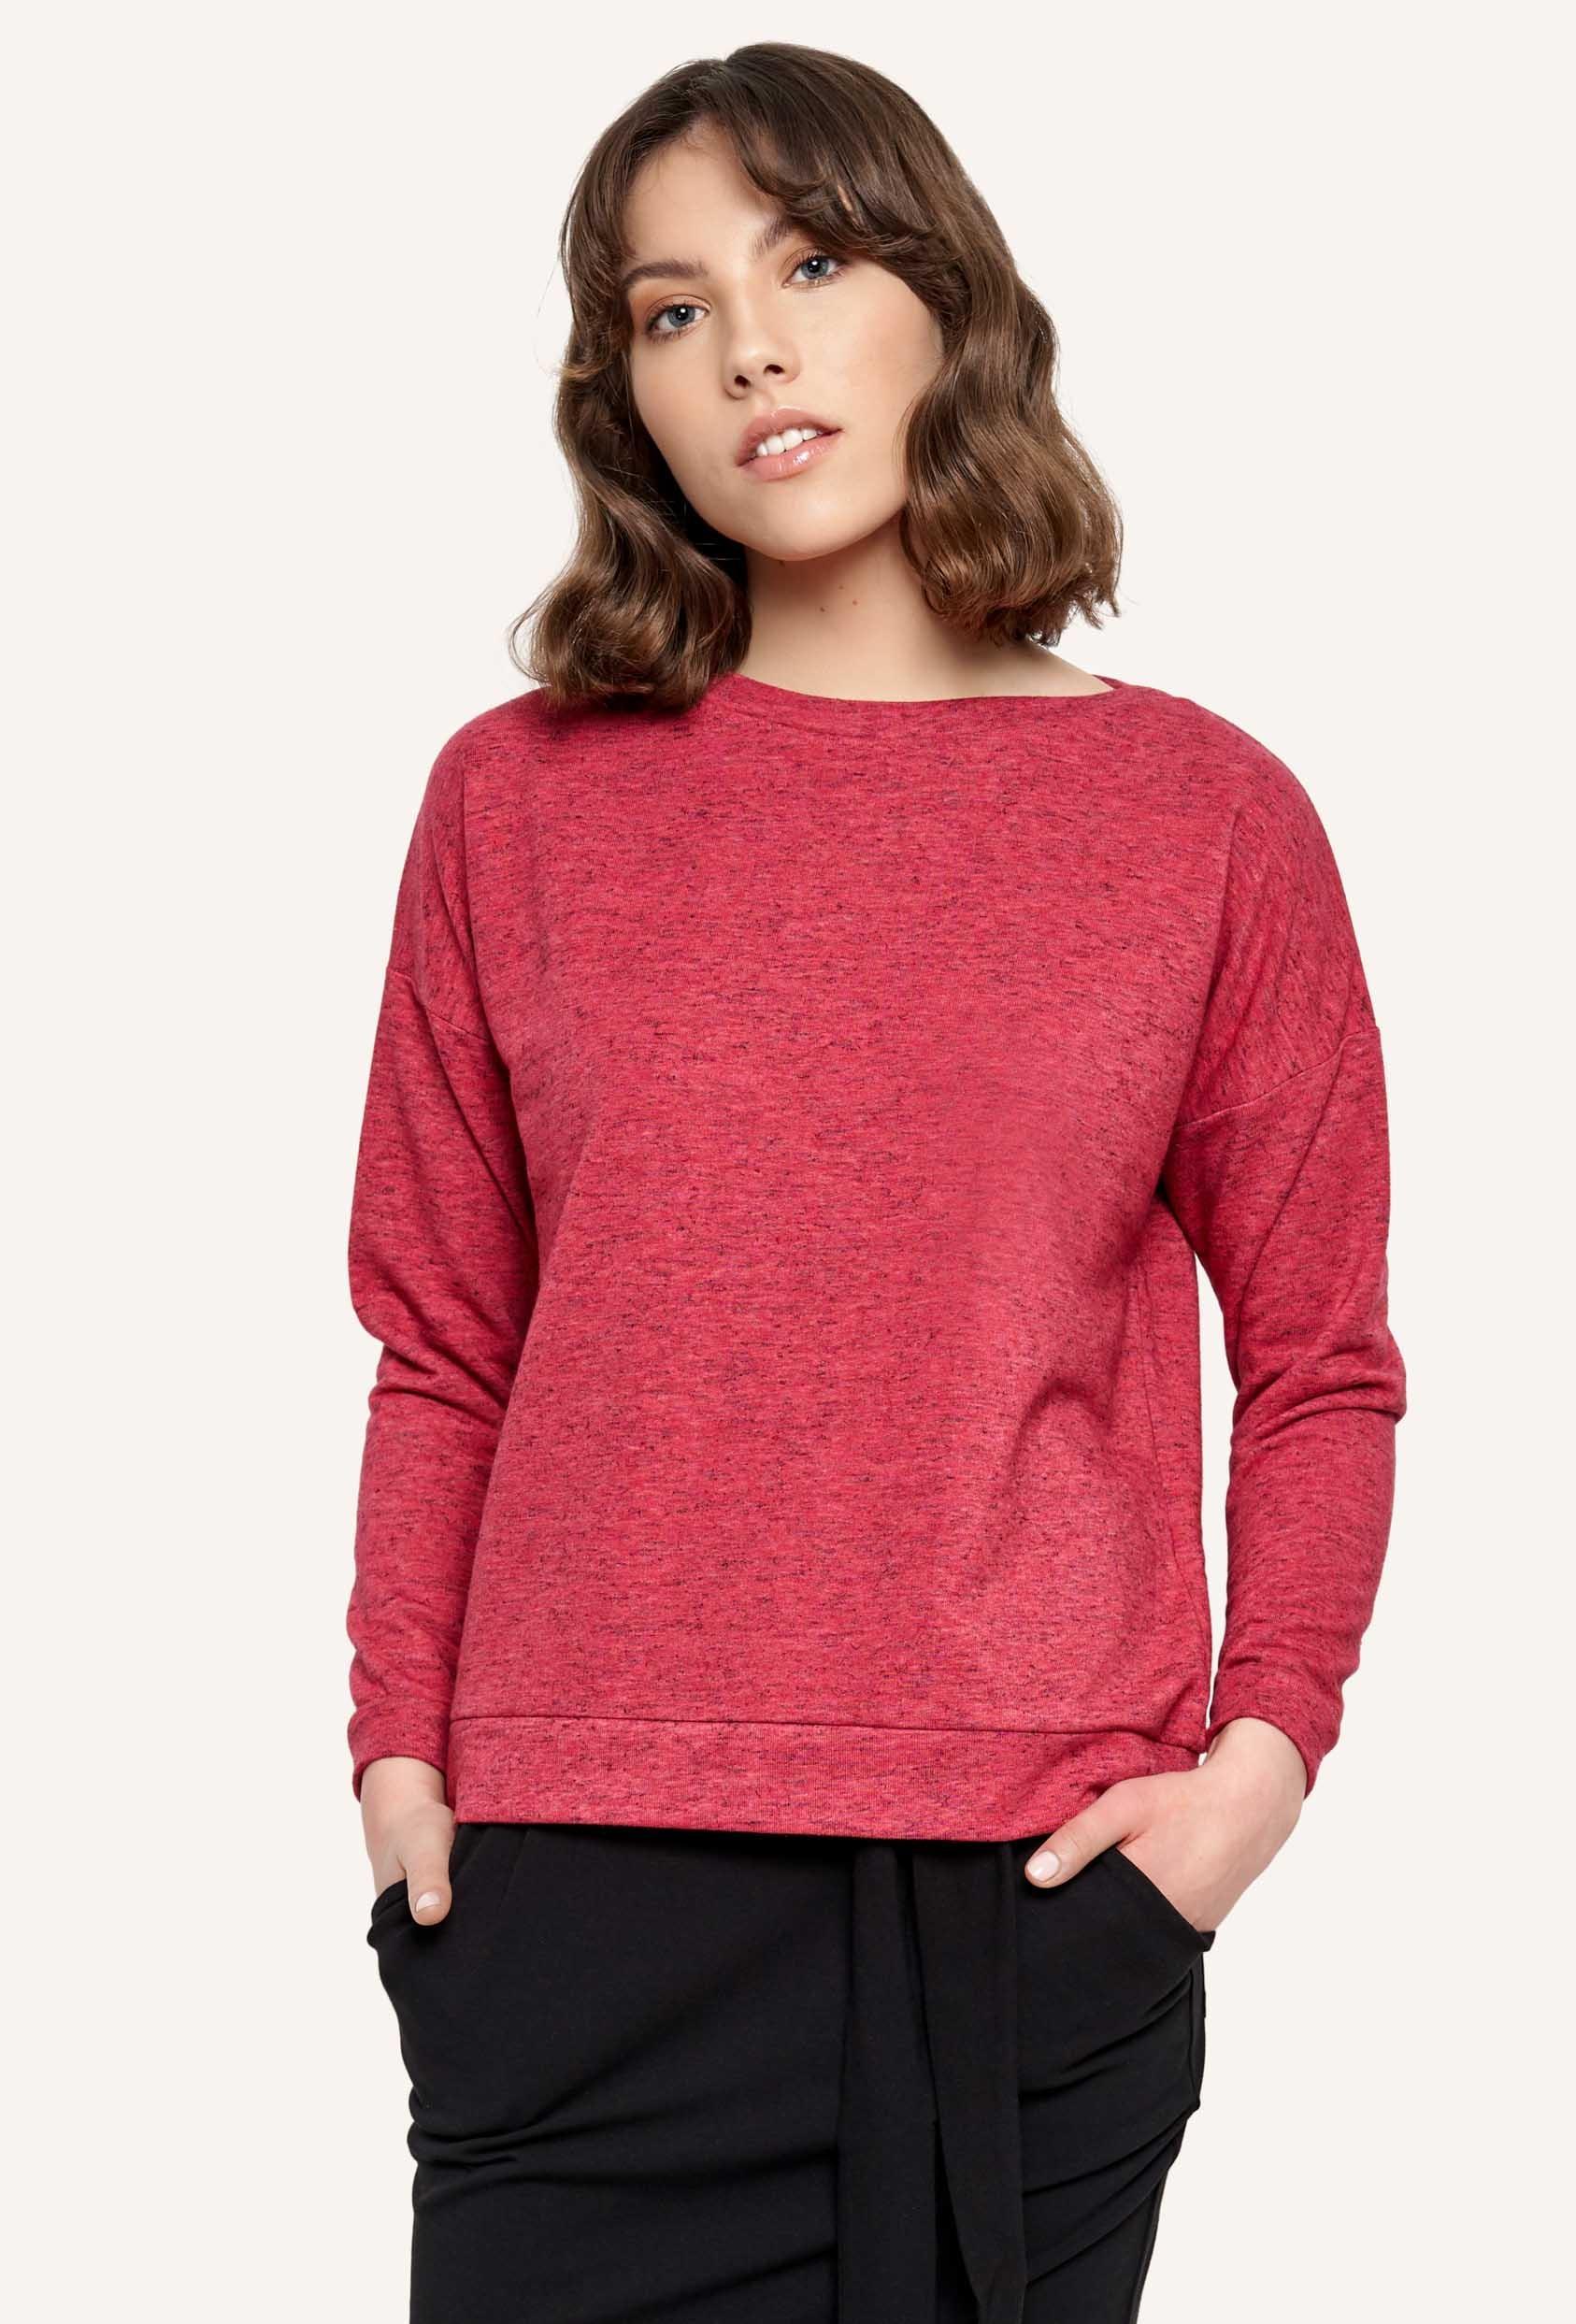 Bluza bez kaptura POPPY BLOUSE czerwona_1